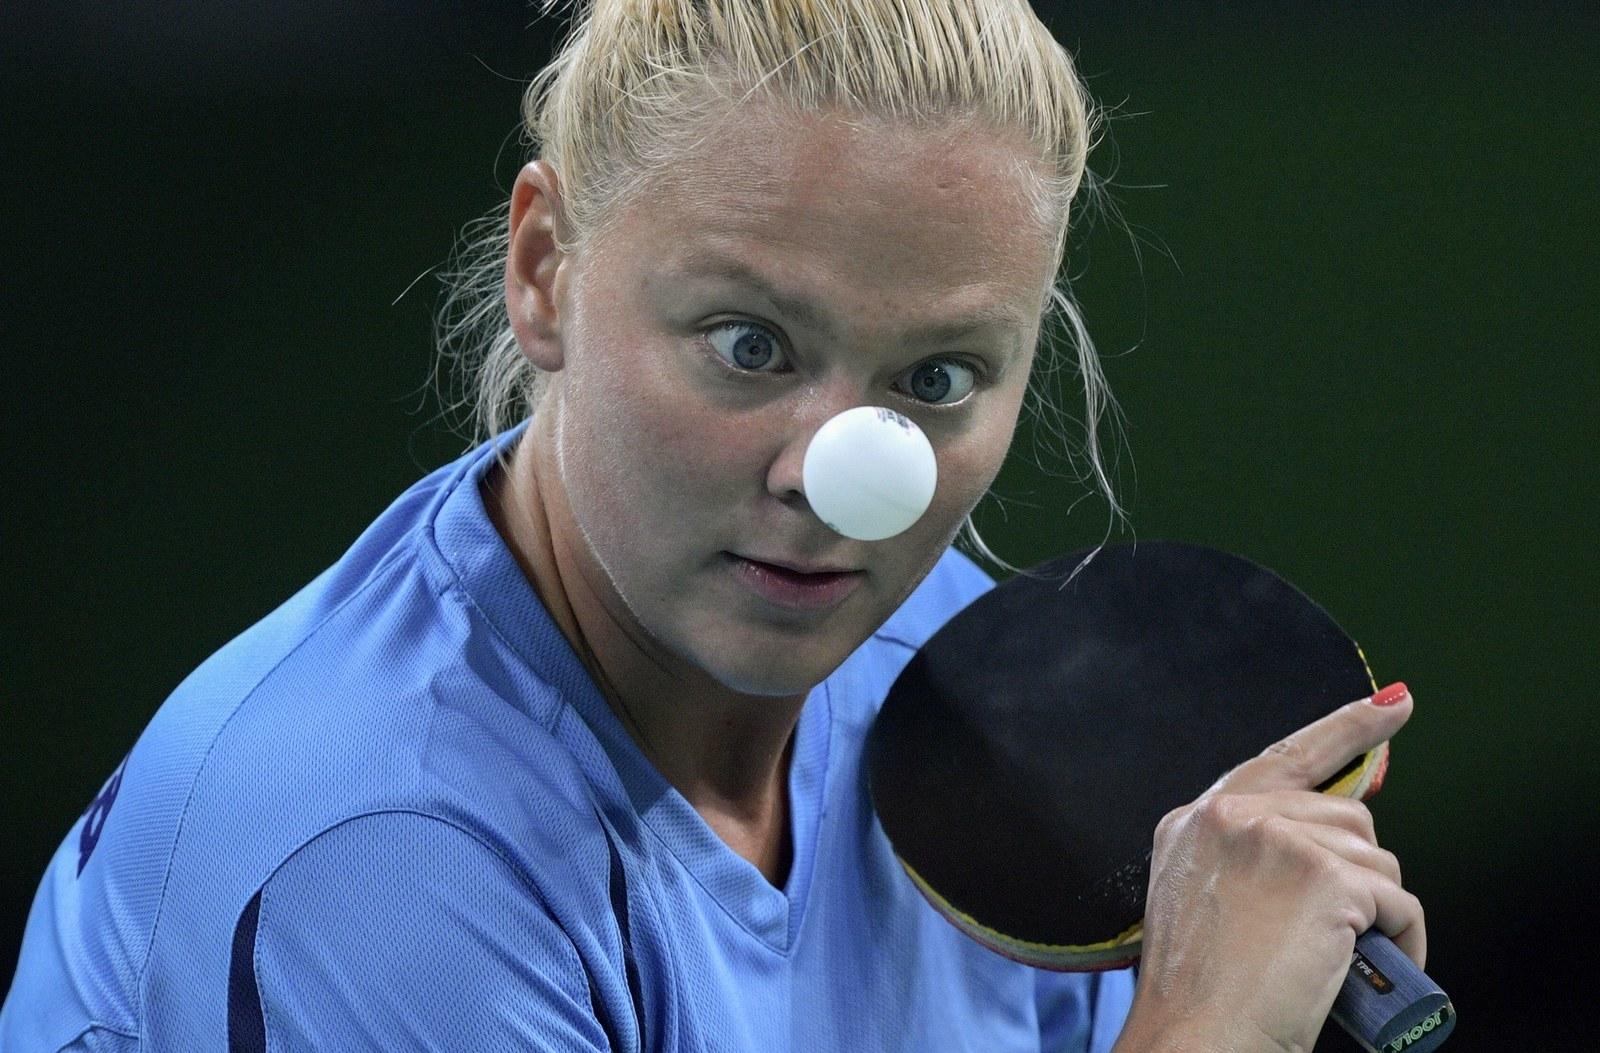 Синего, смешные картинки о настольном теннисе